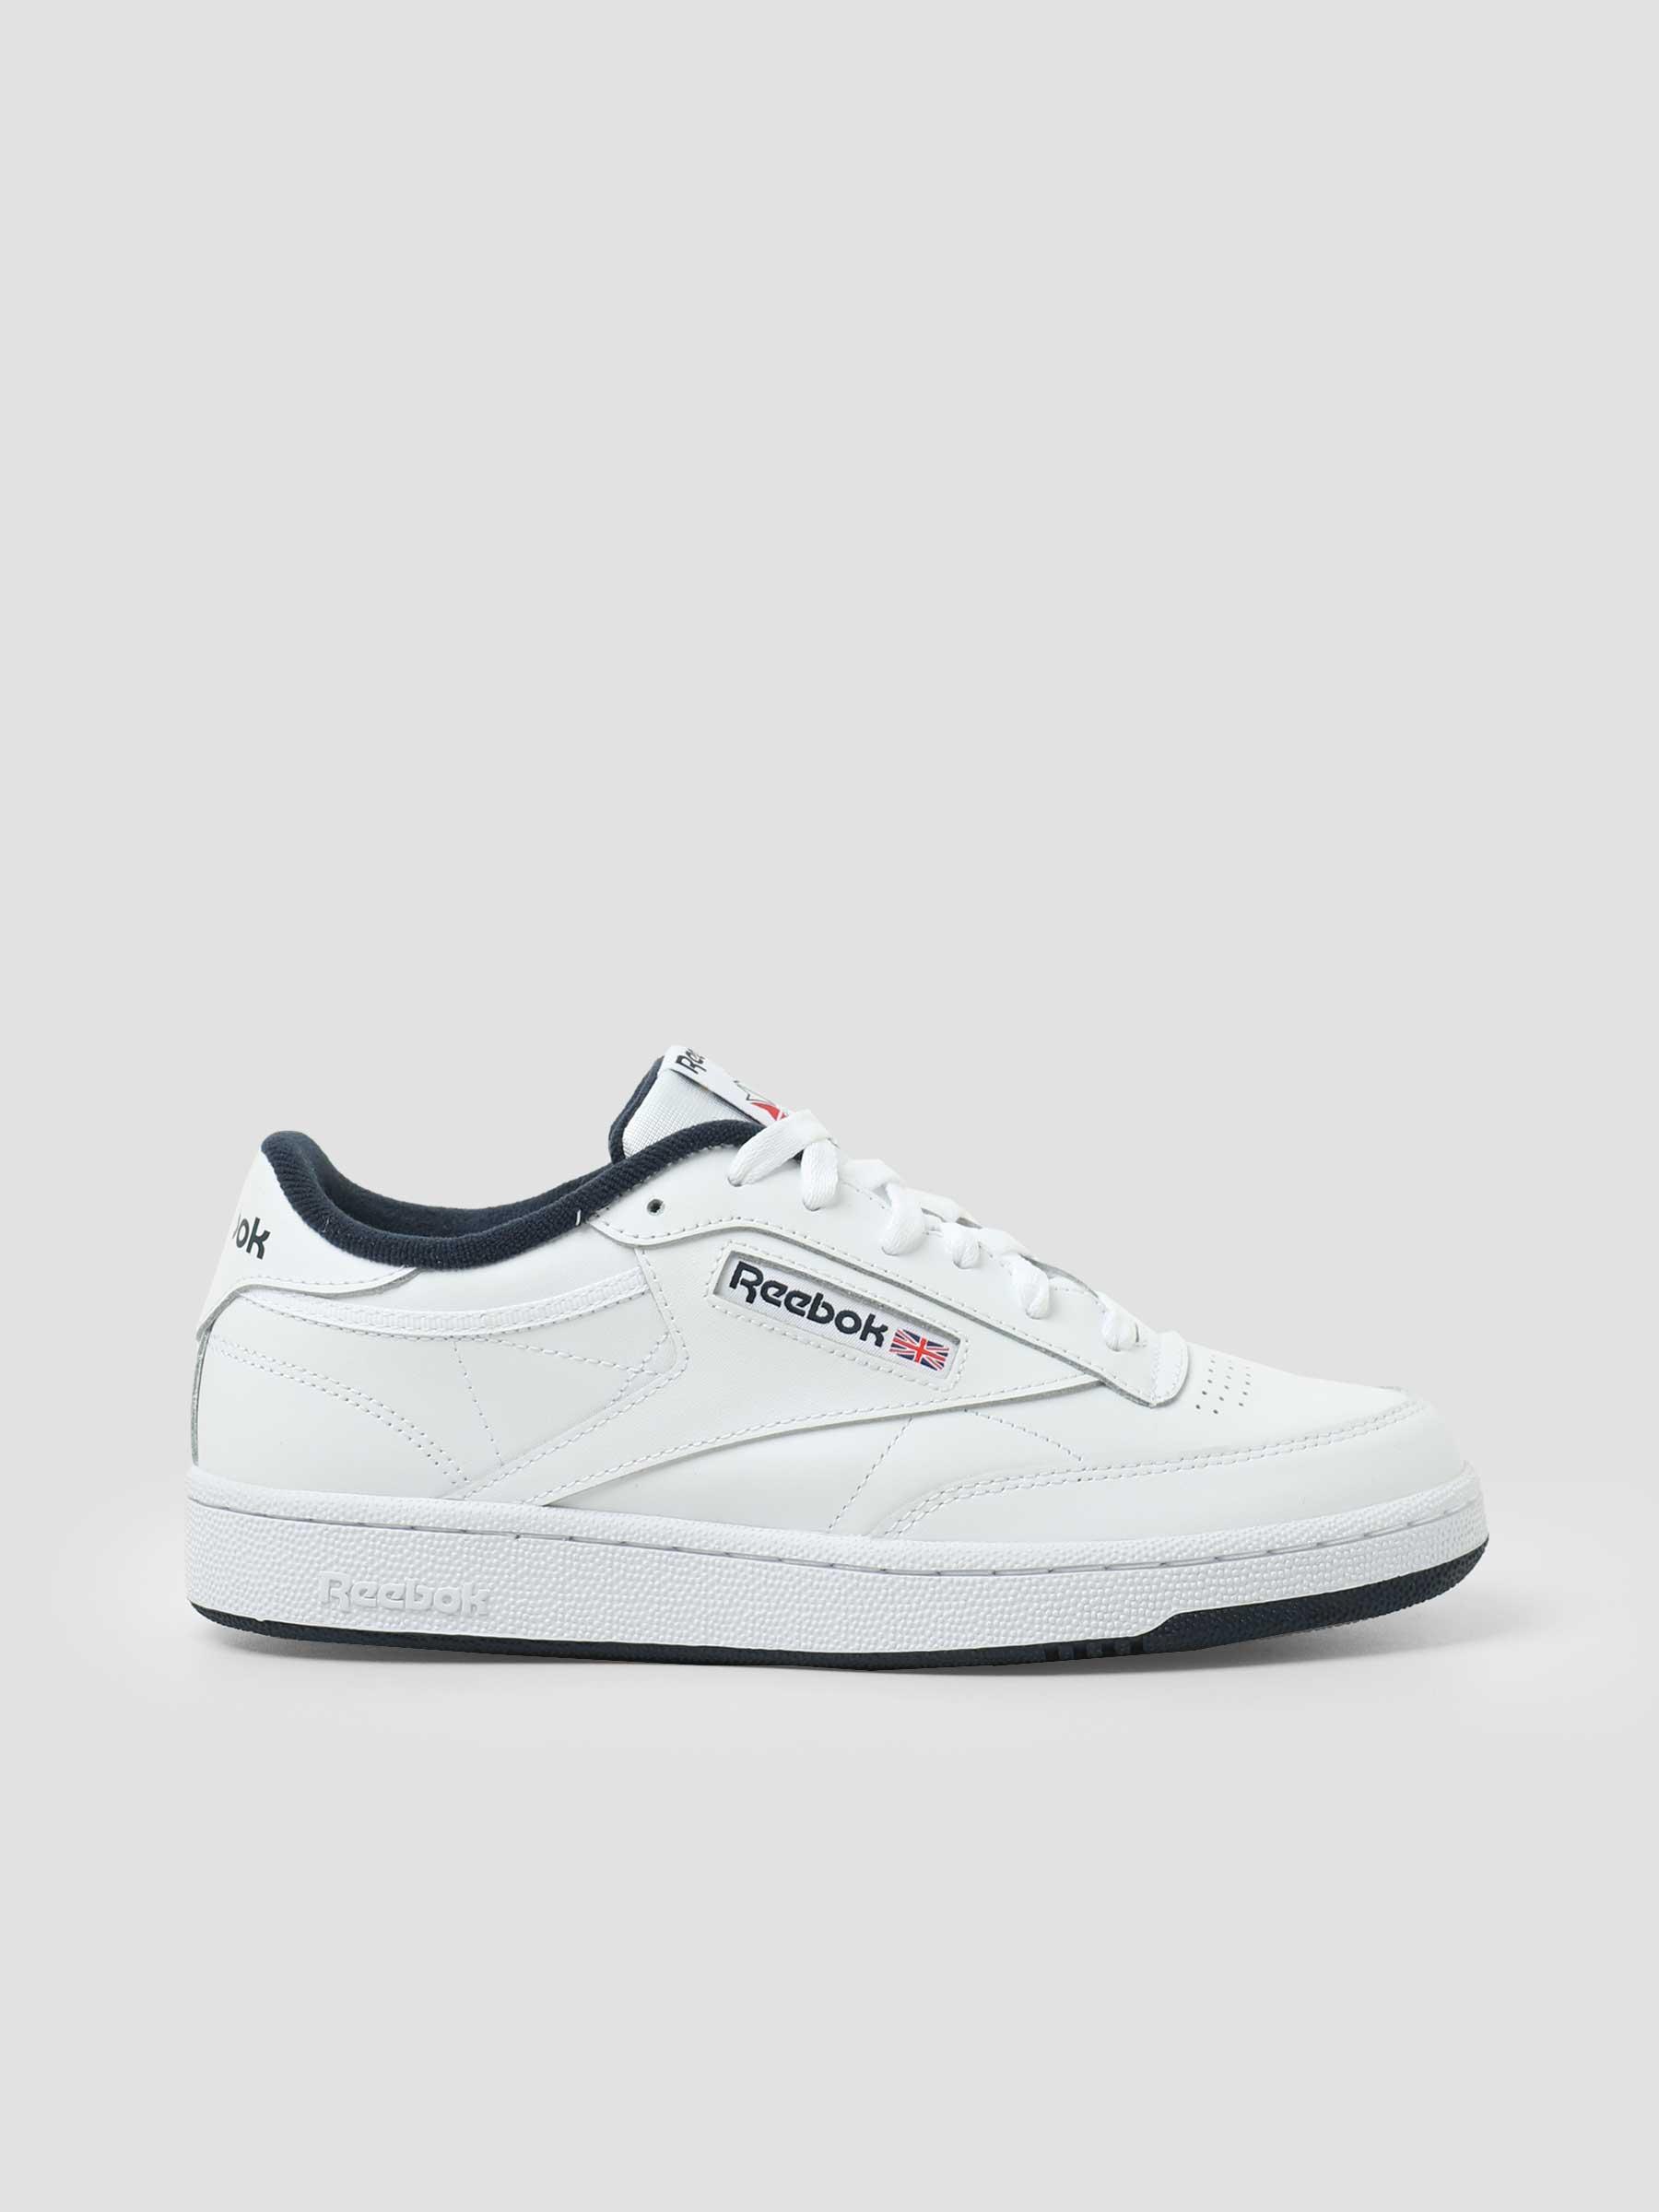 Club C 85 White Navy AR0457